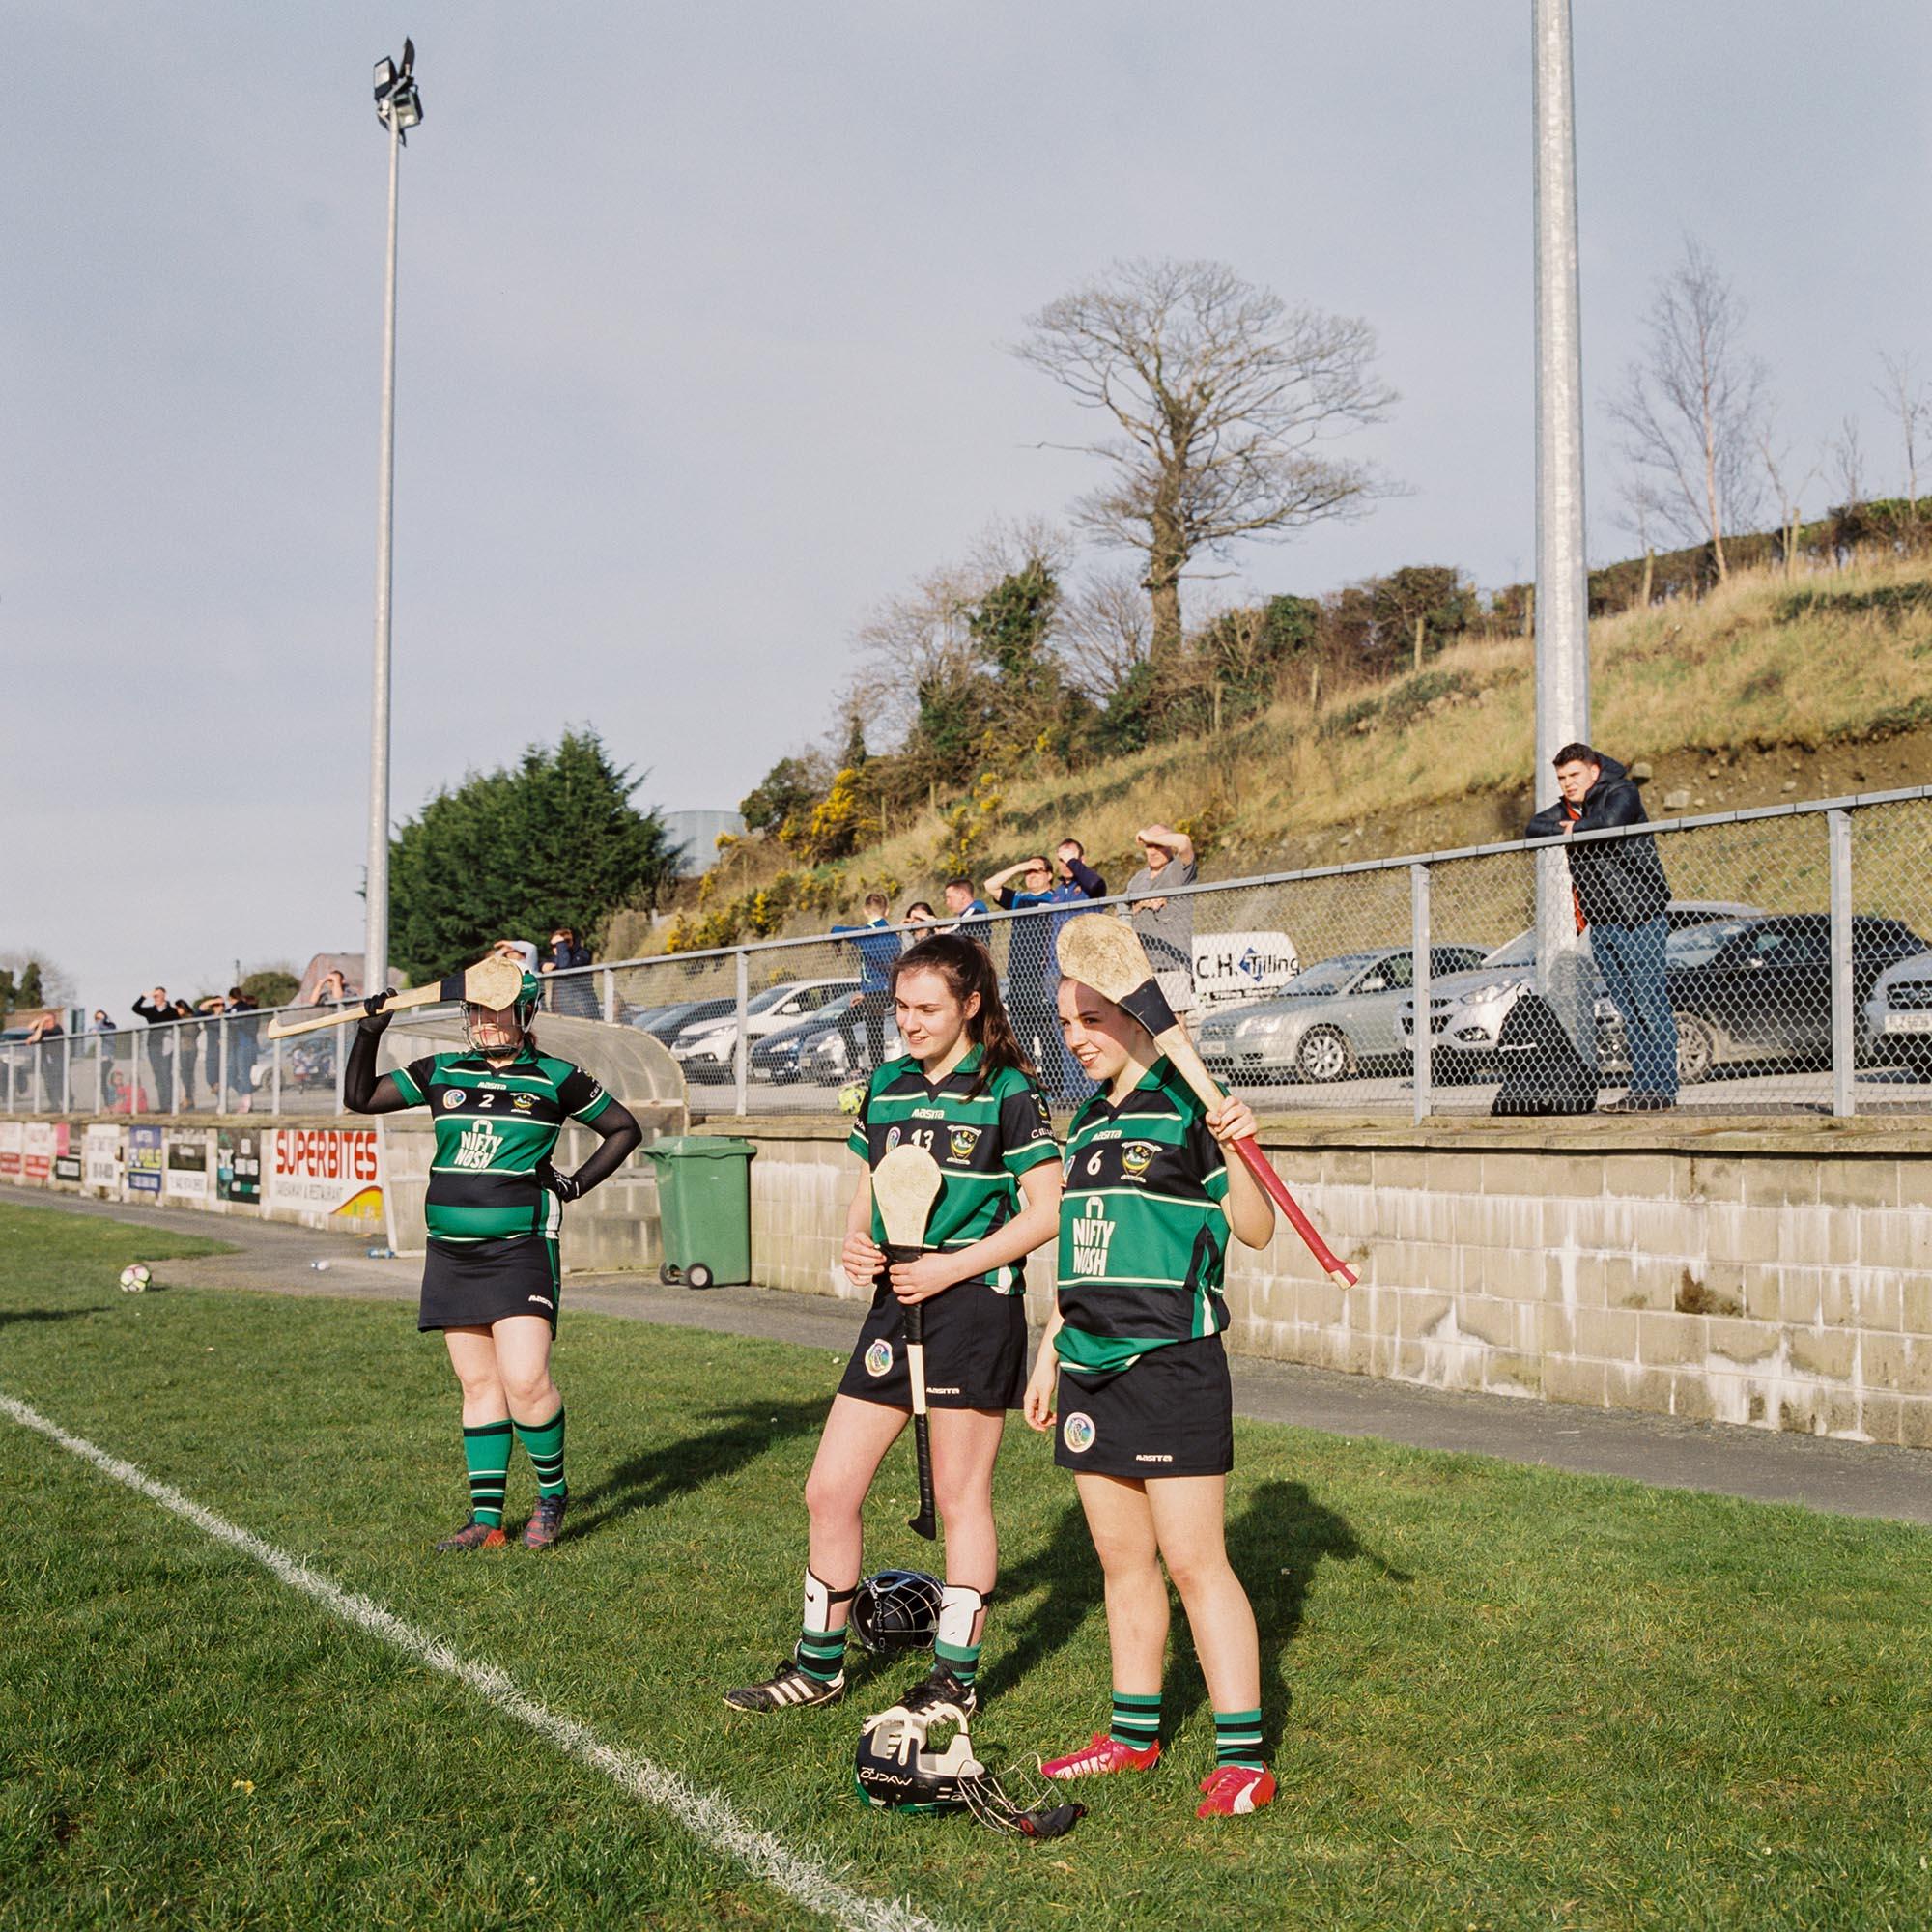 Cullaville Blues GAA host Killeavy GAA in a friendly game of Camogie